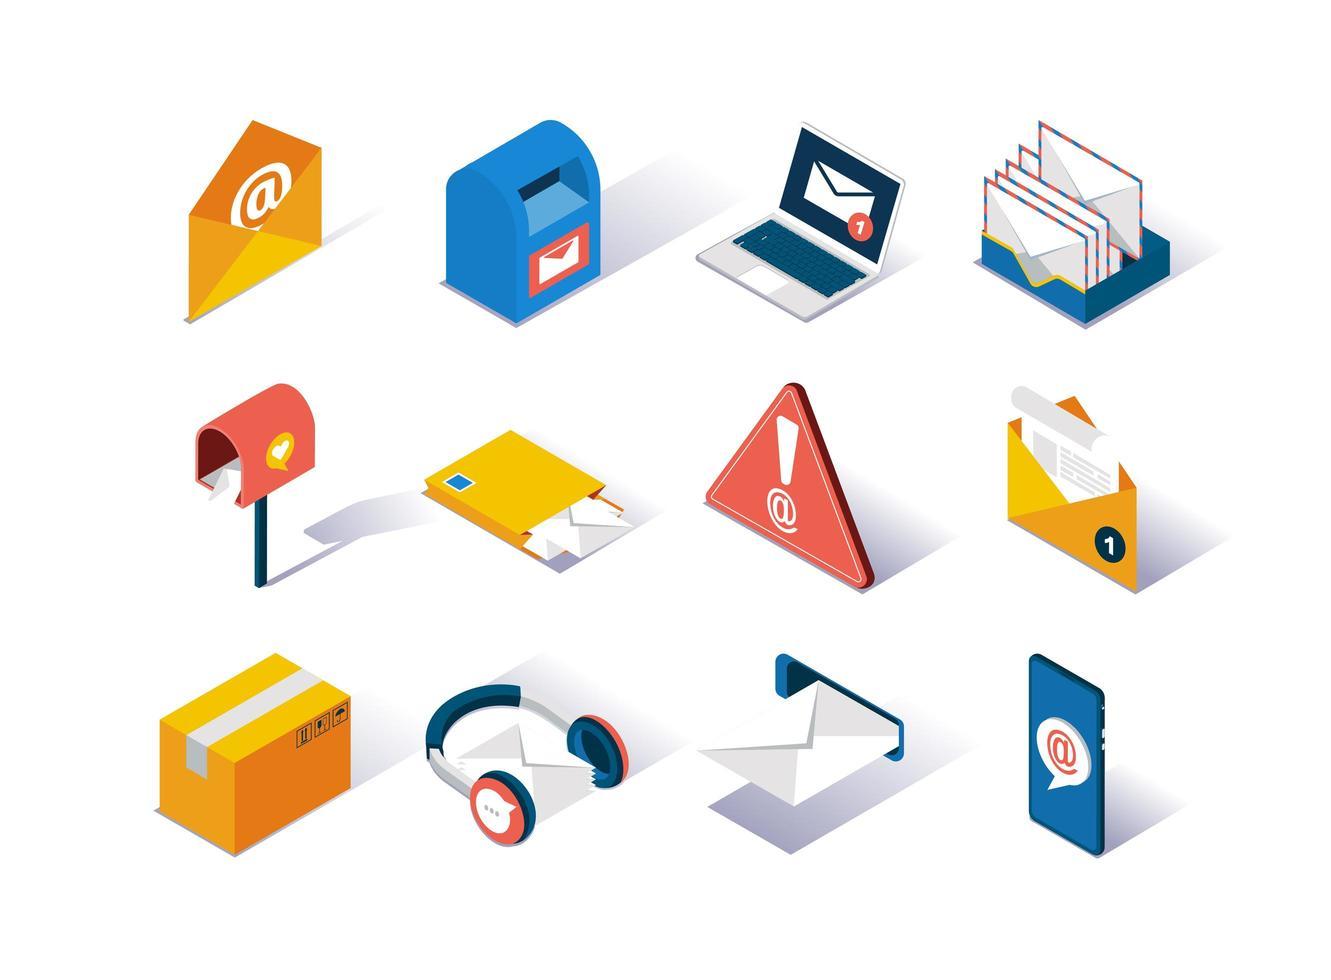 e-postleverantörens isometriska ikoner vektor